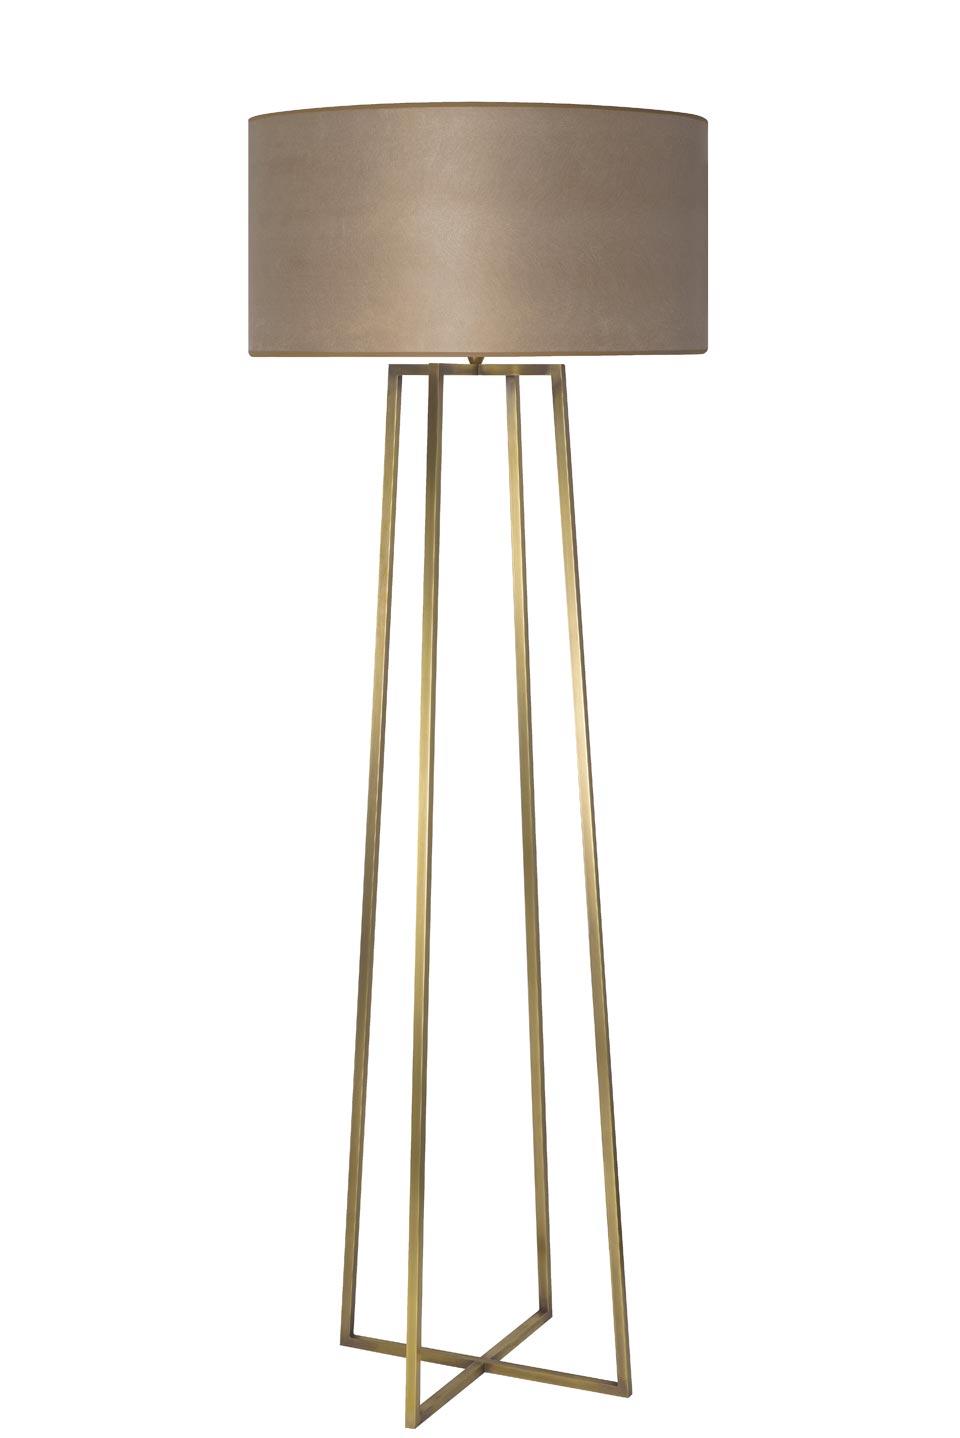 Grand lampadaire quatre pieds reliés en laiton LD76. Casadisagne.